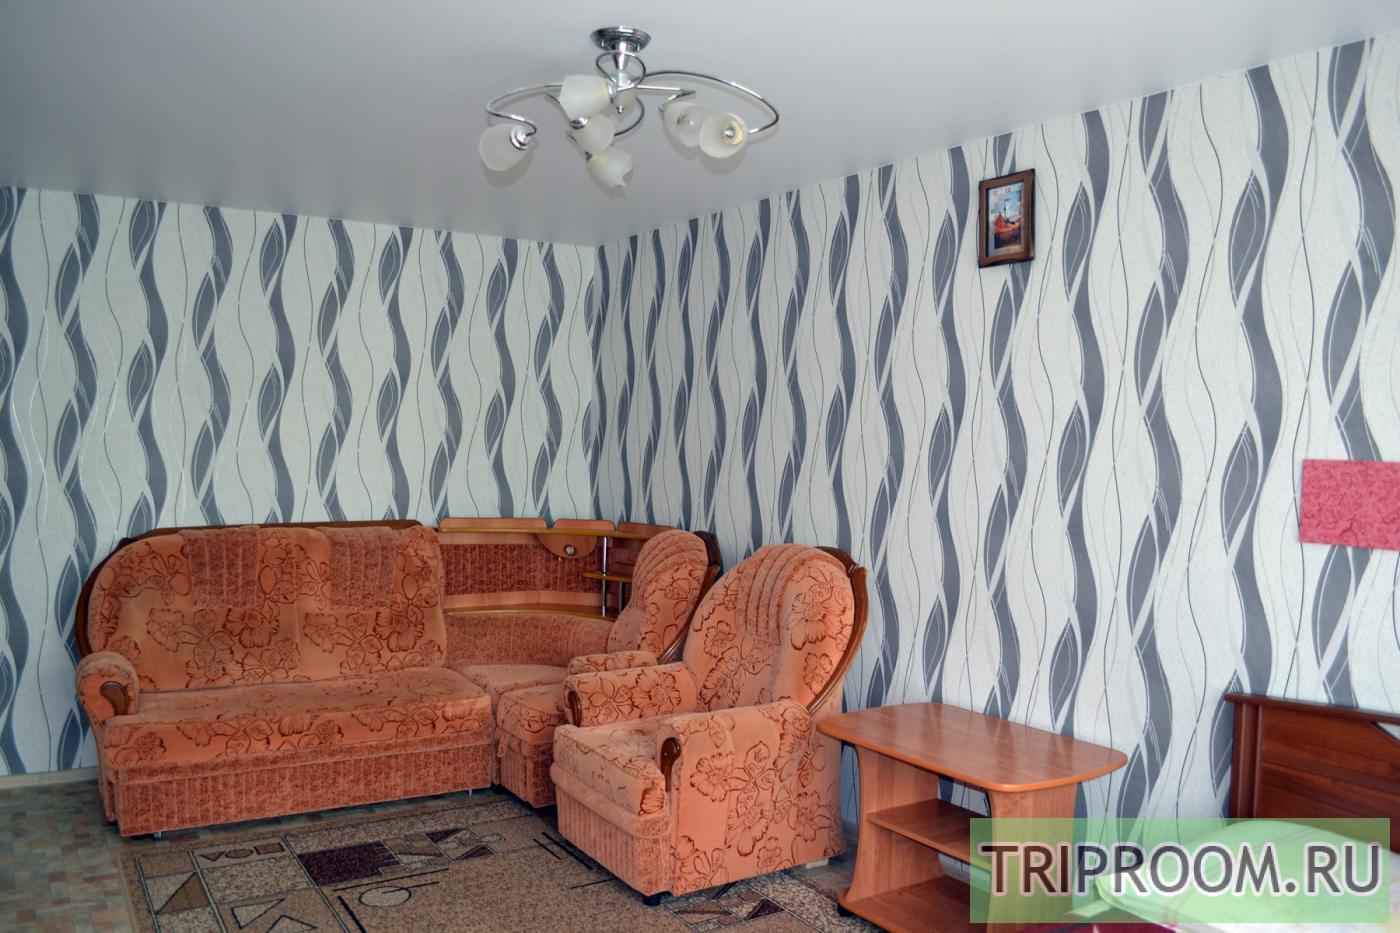 1-комнатная квартира посуточно (вариант № 7479), ул. Канатчиков проспект, фото № 11